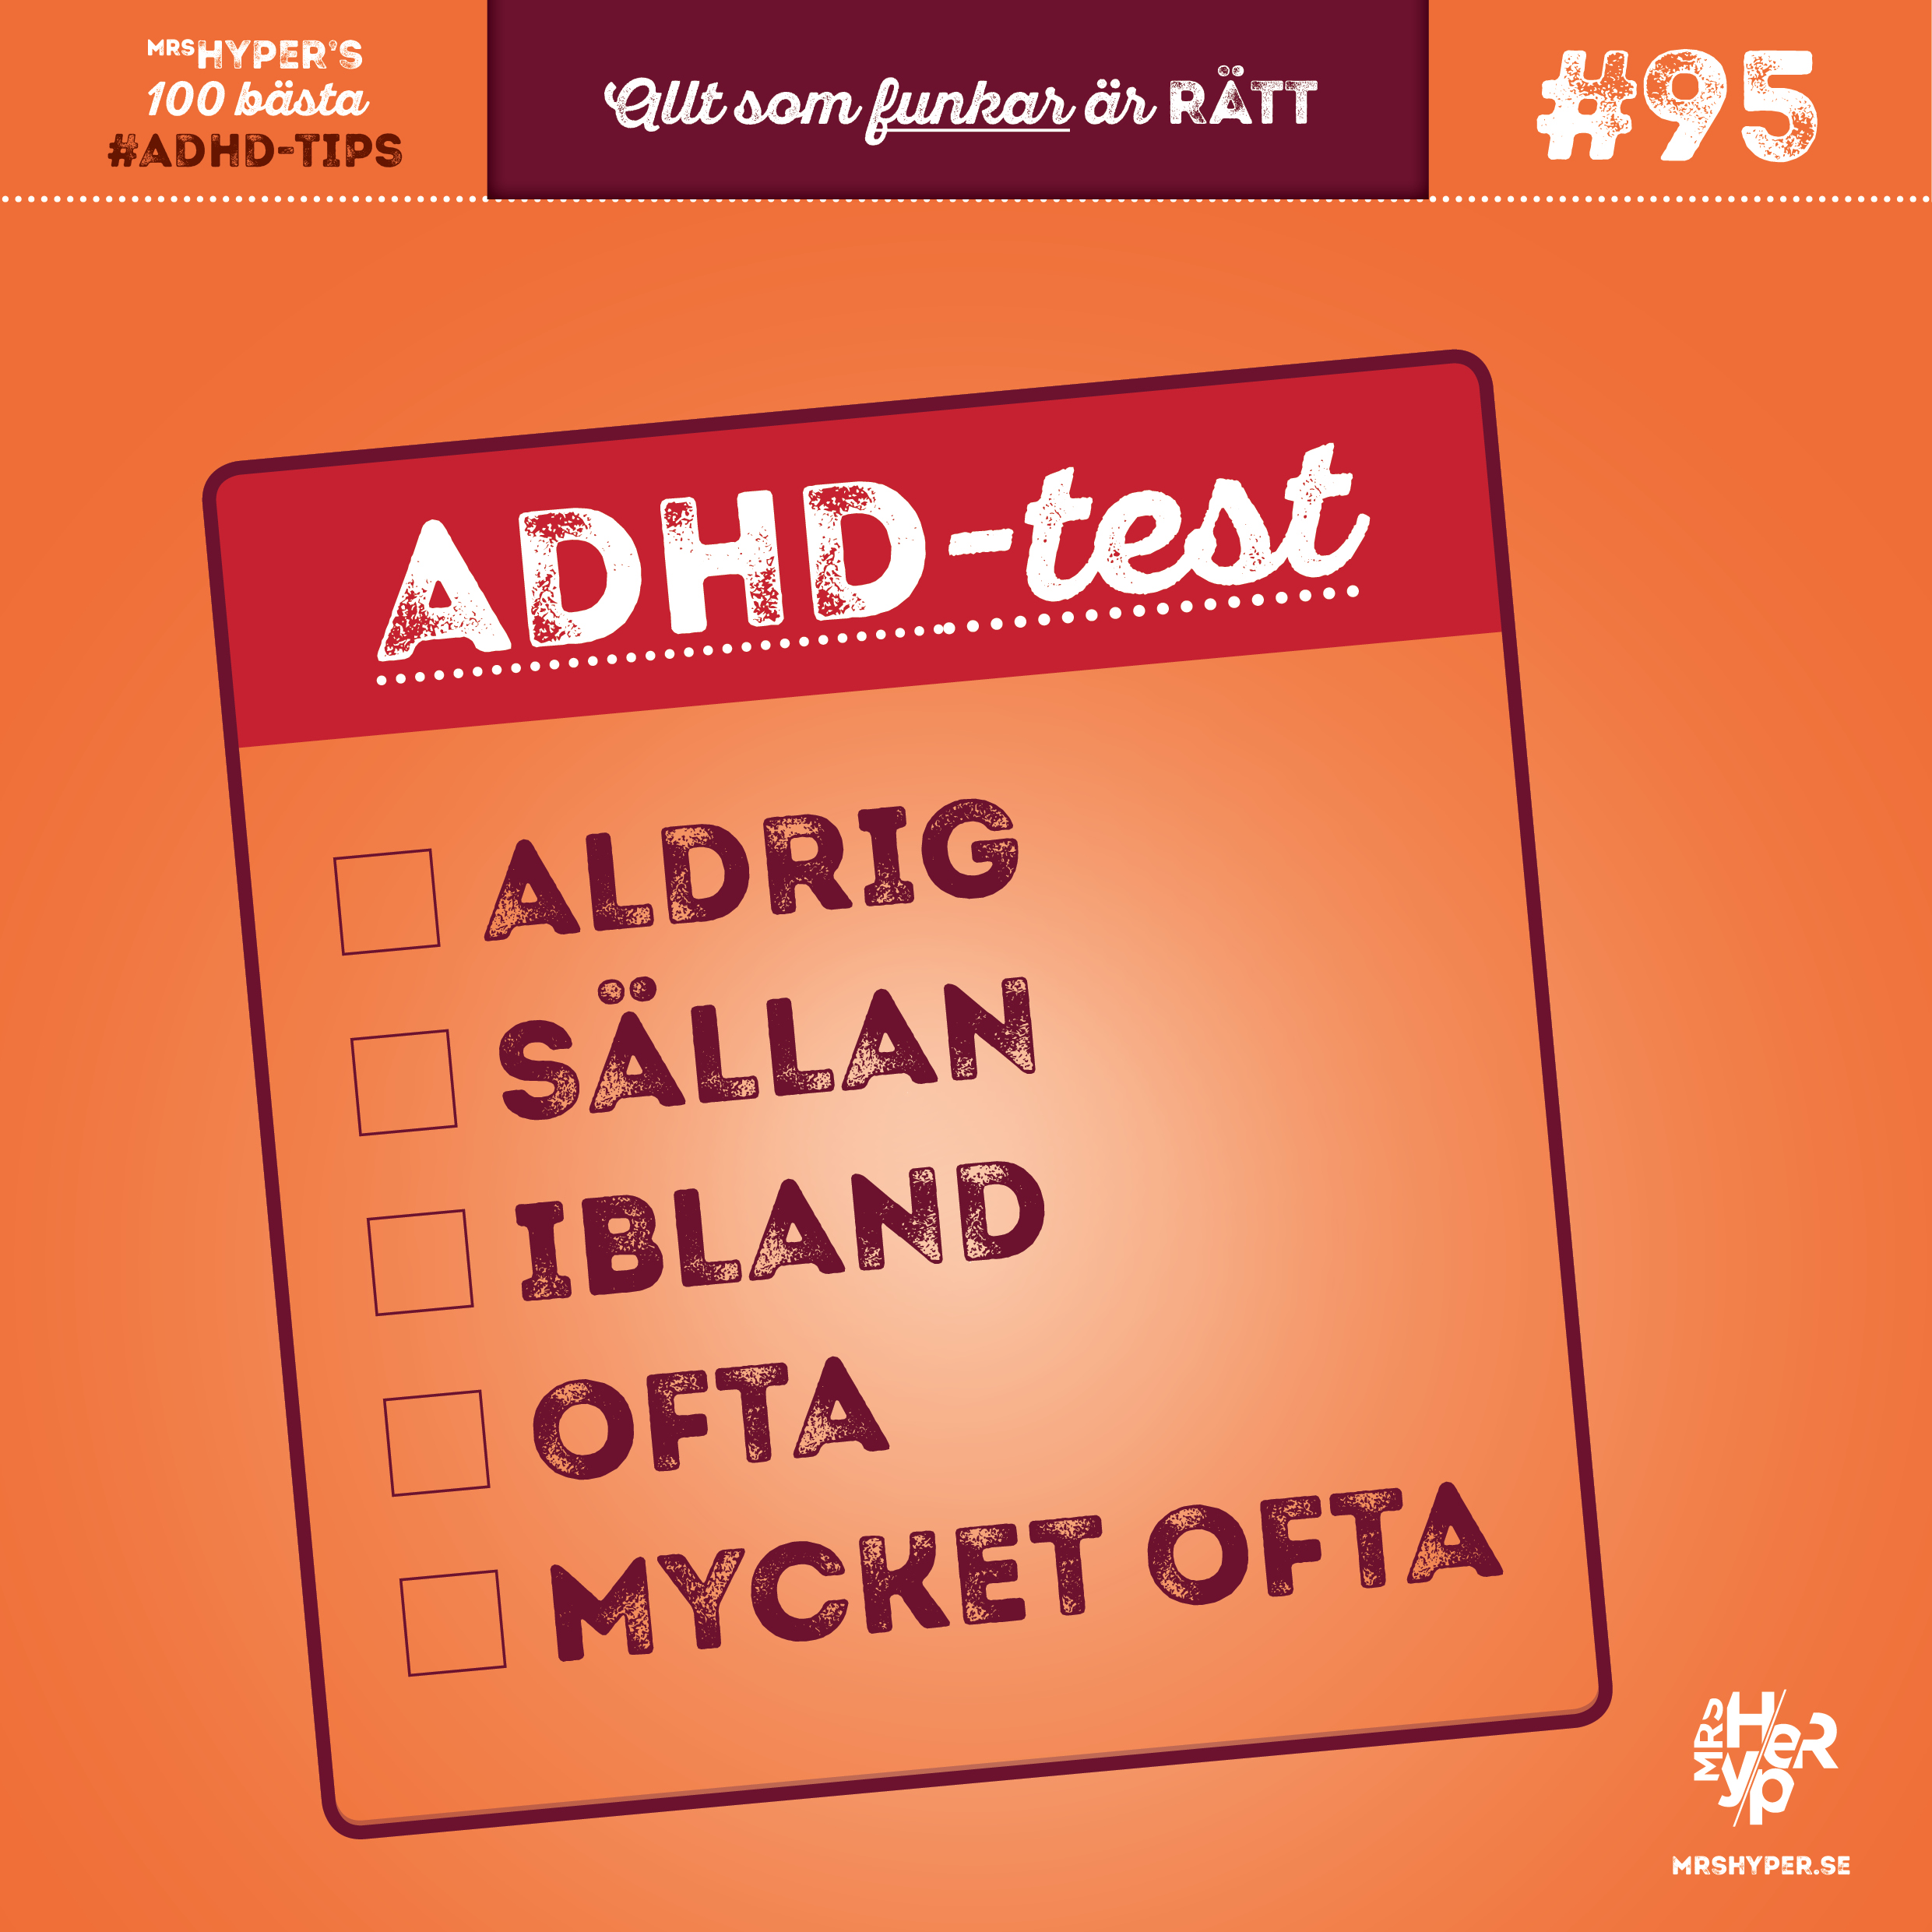 ADHD-tips #95. Har du testat dig själv om du har ADHD?